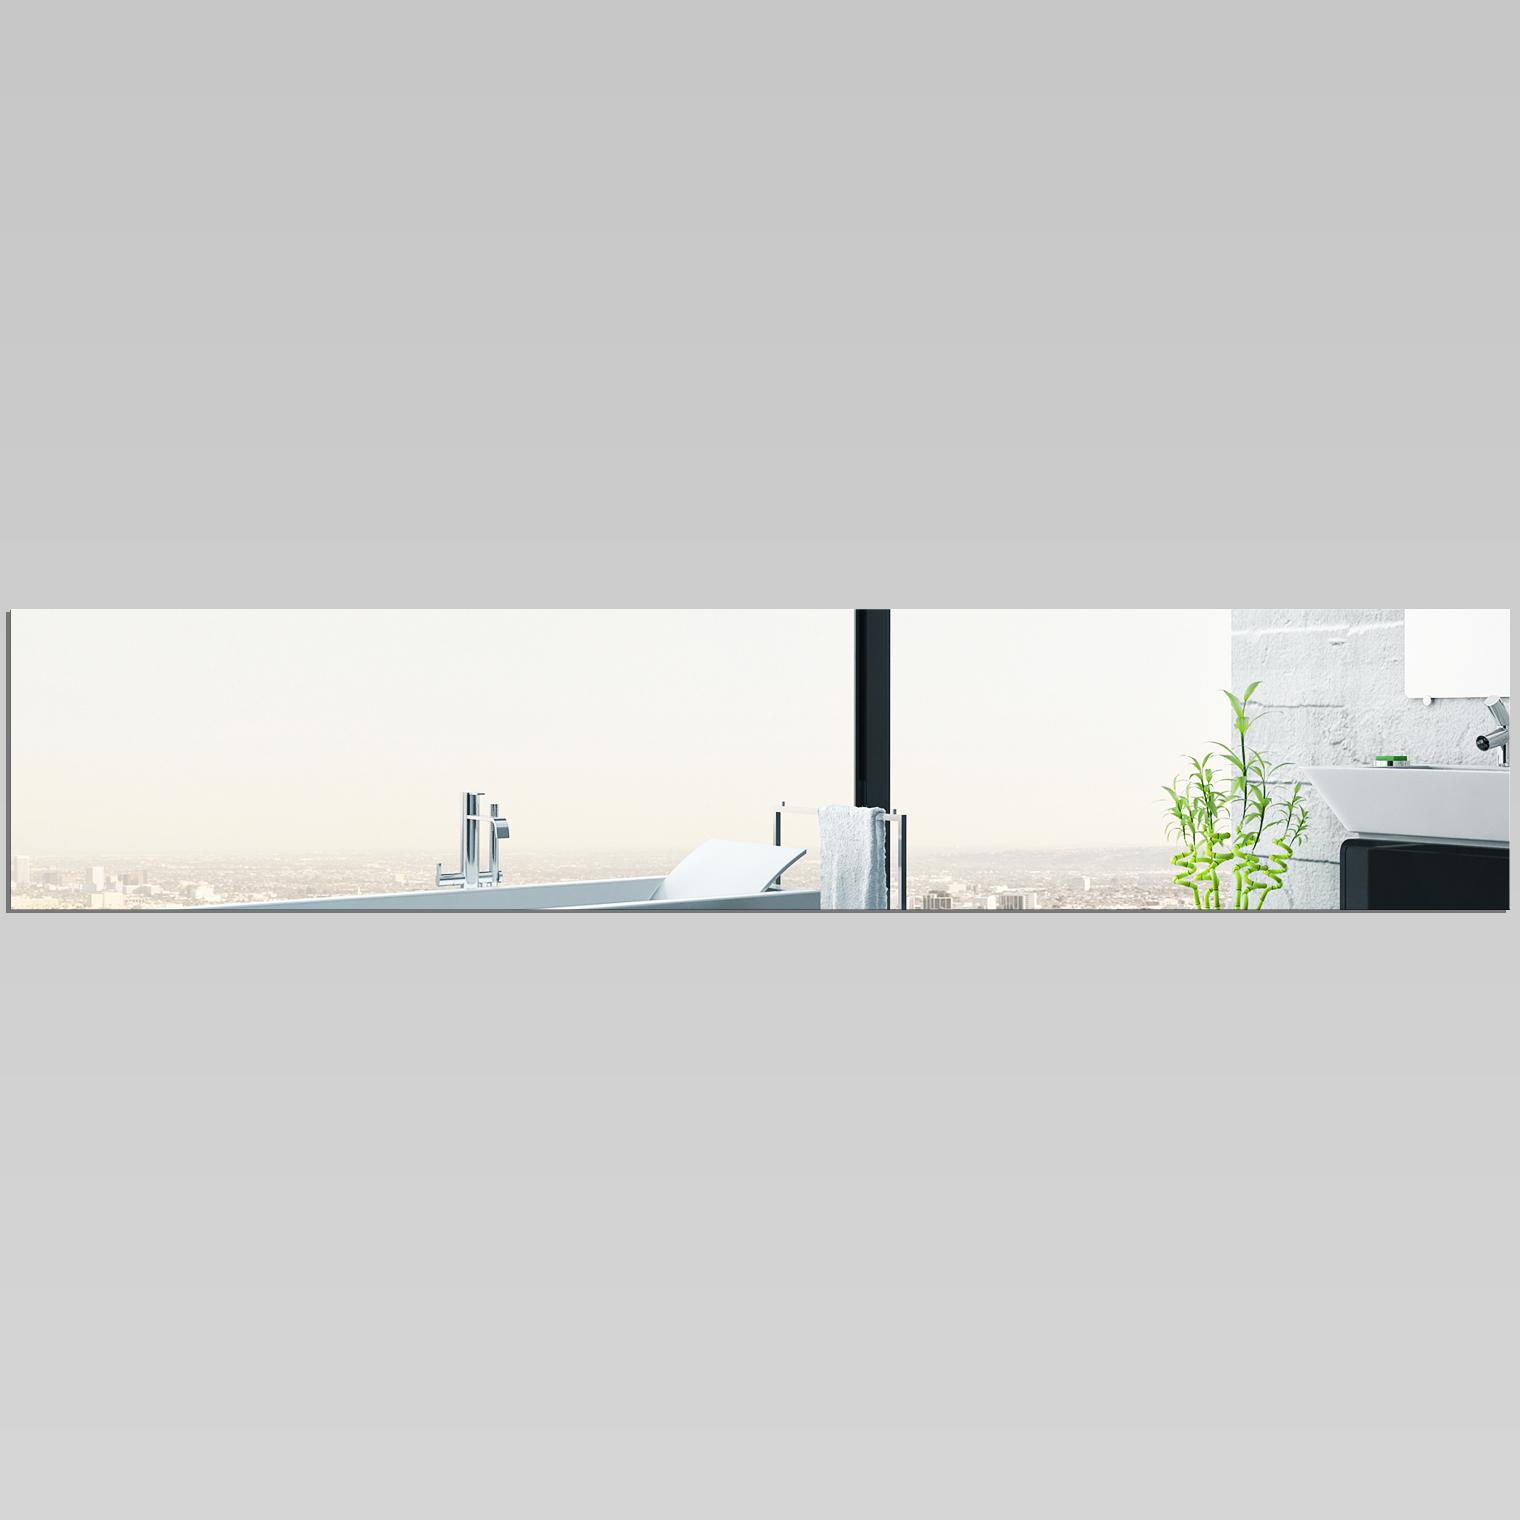 Miroir plexiglass acrylique rectange horizontale pas cher for Miroir acrylique